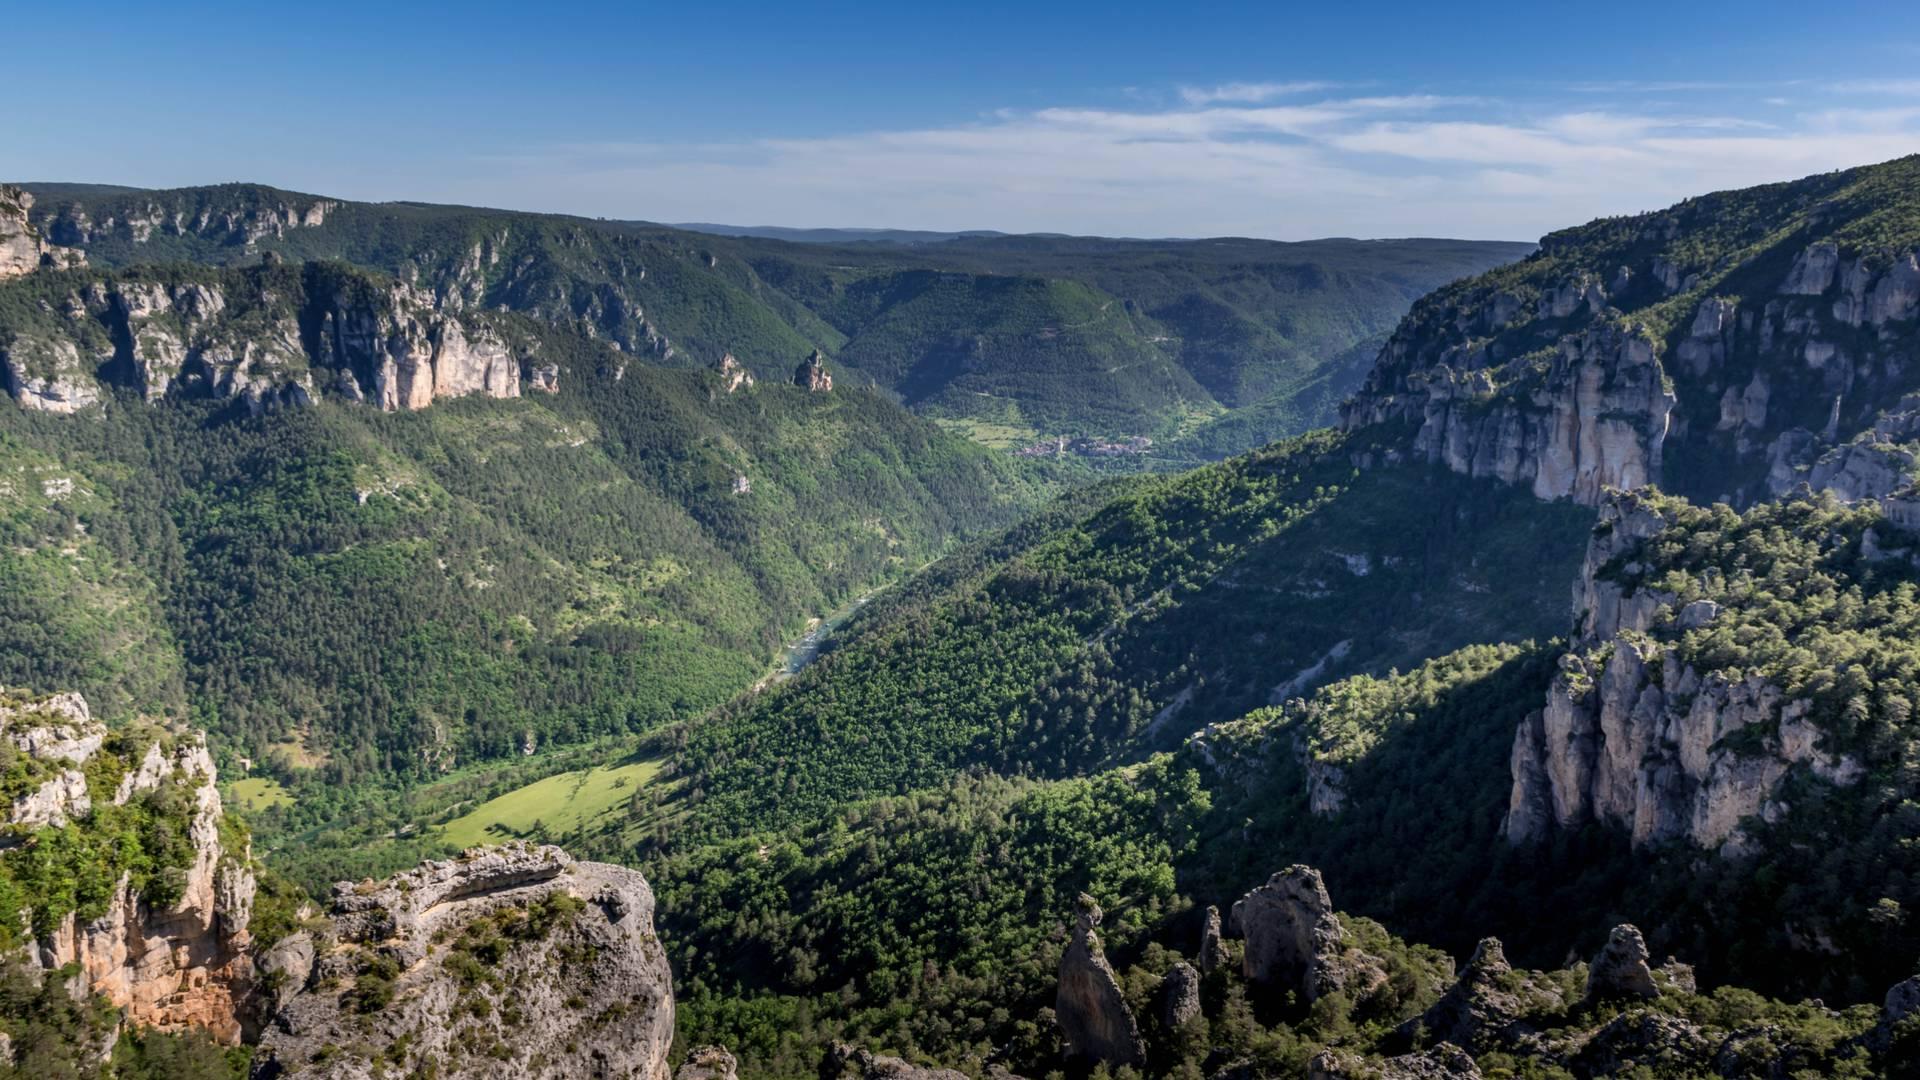 Randonnée Villages troglodytiques des Gorges du Tarn